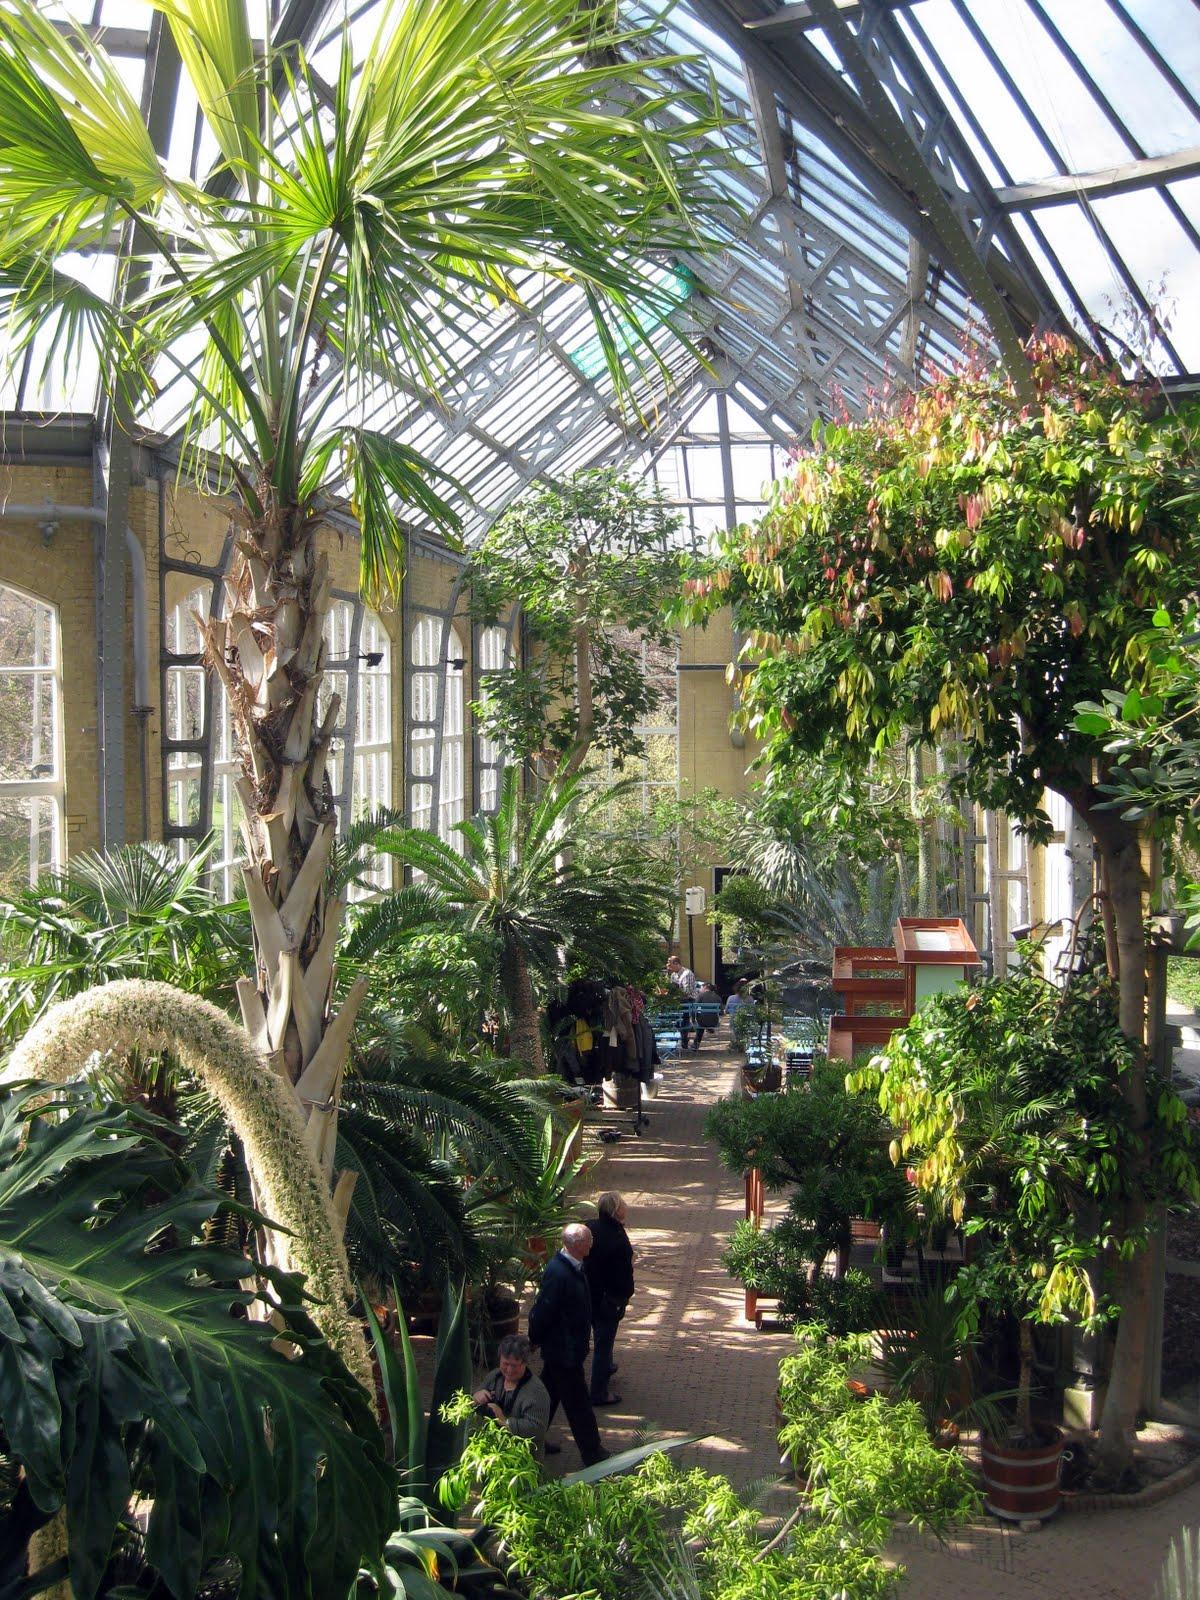 Hortus Botanicus | Unquiet Time